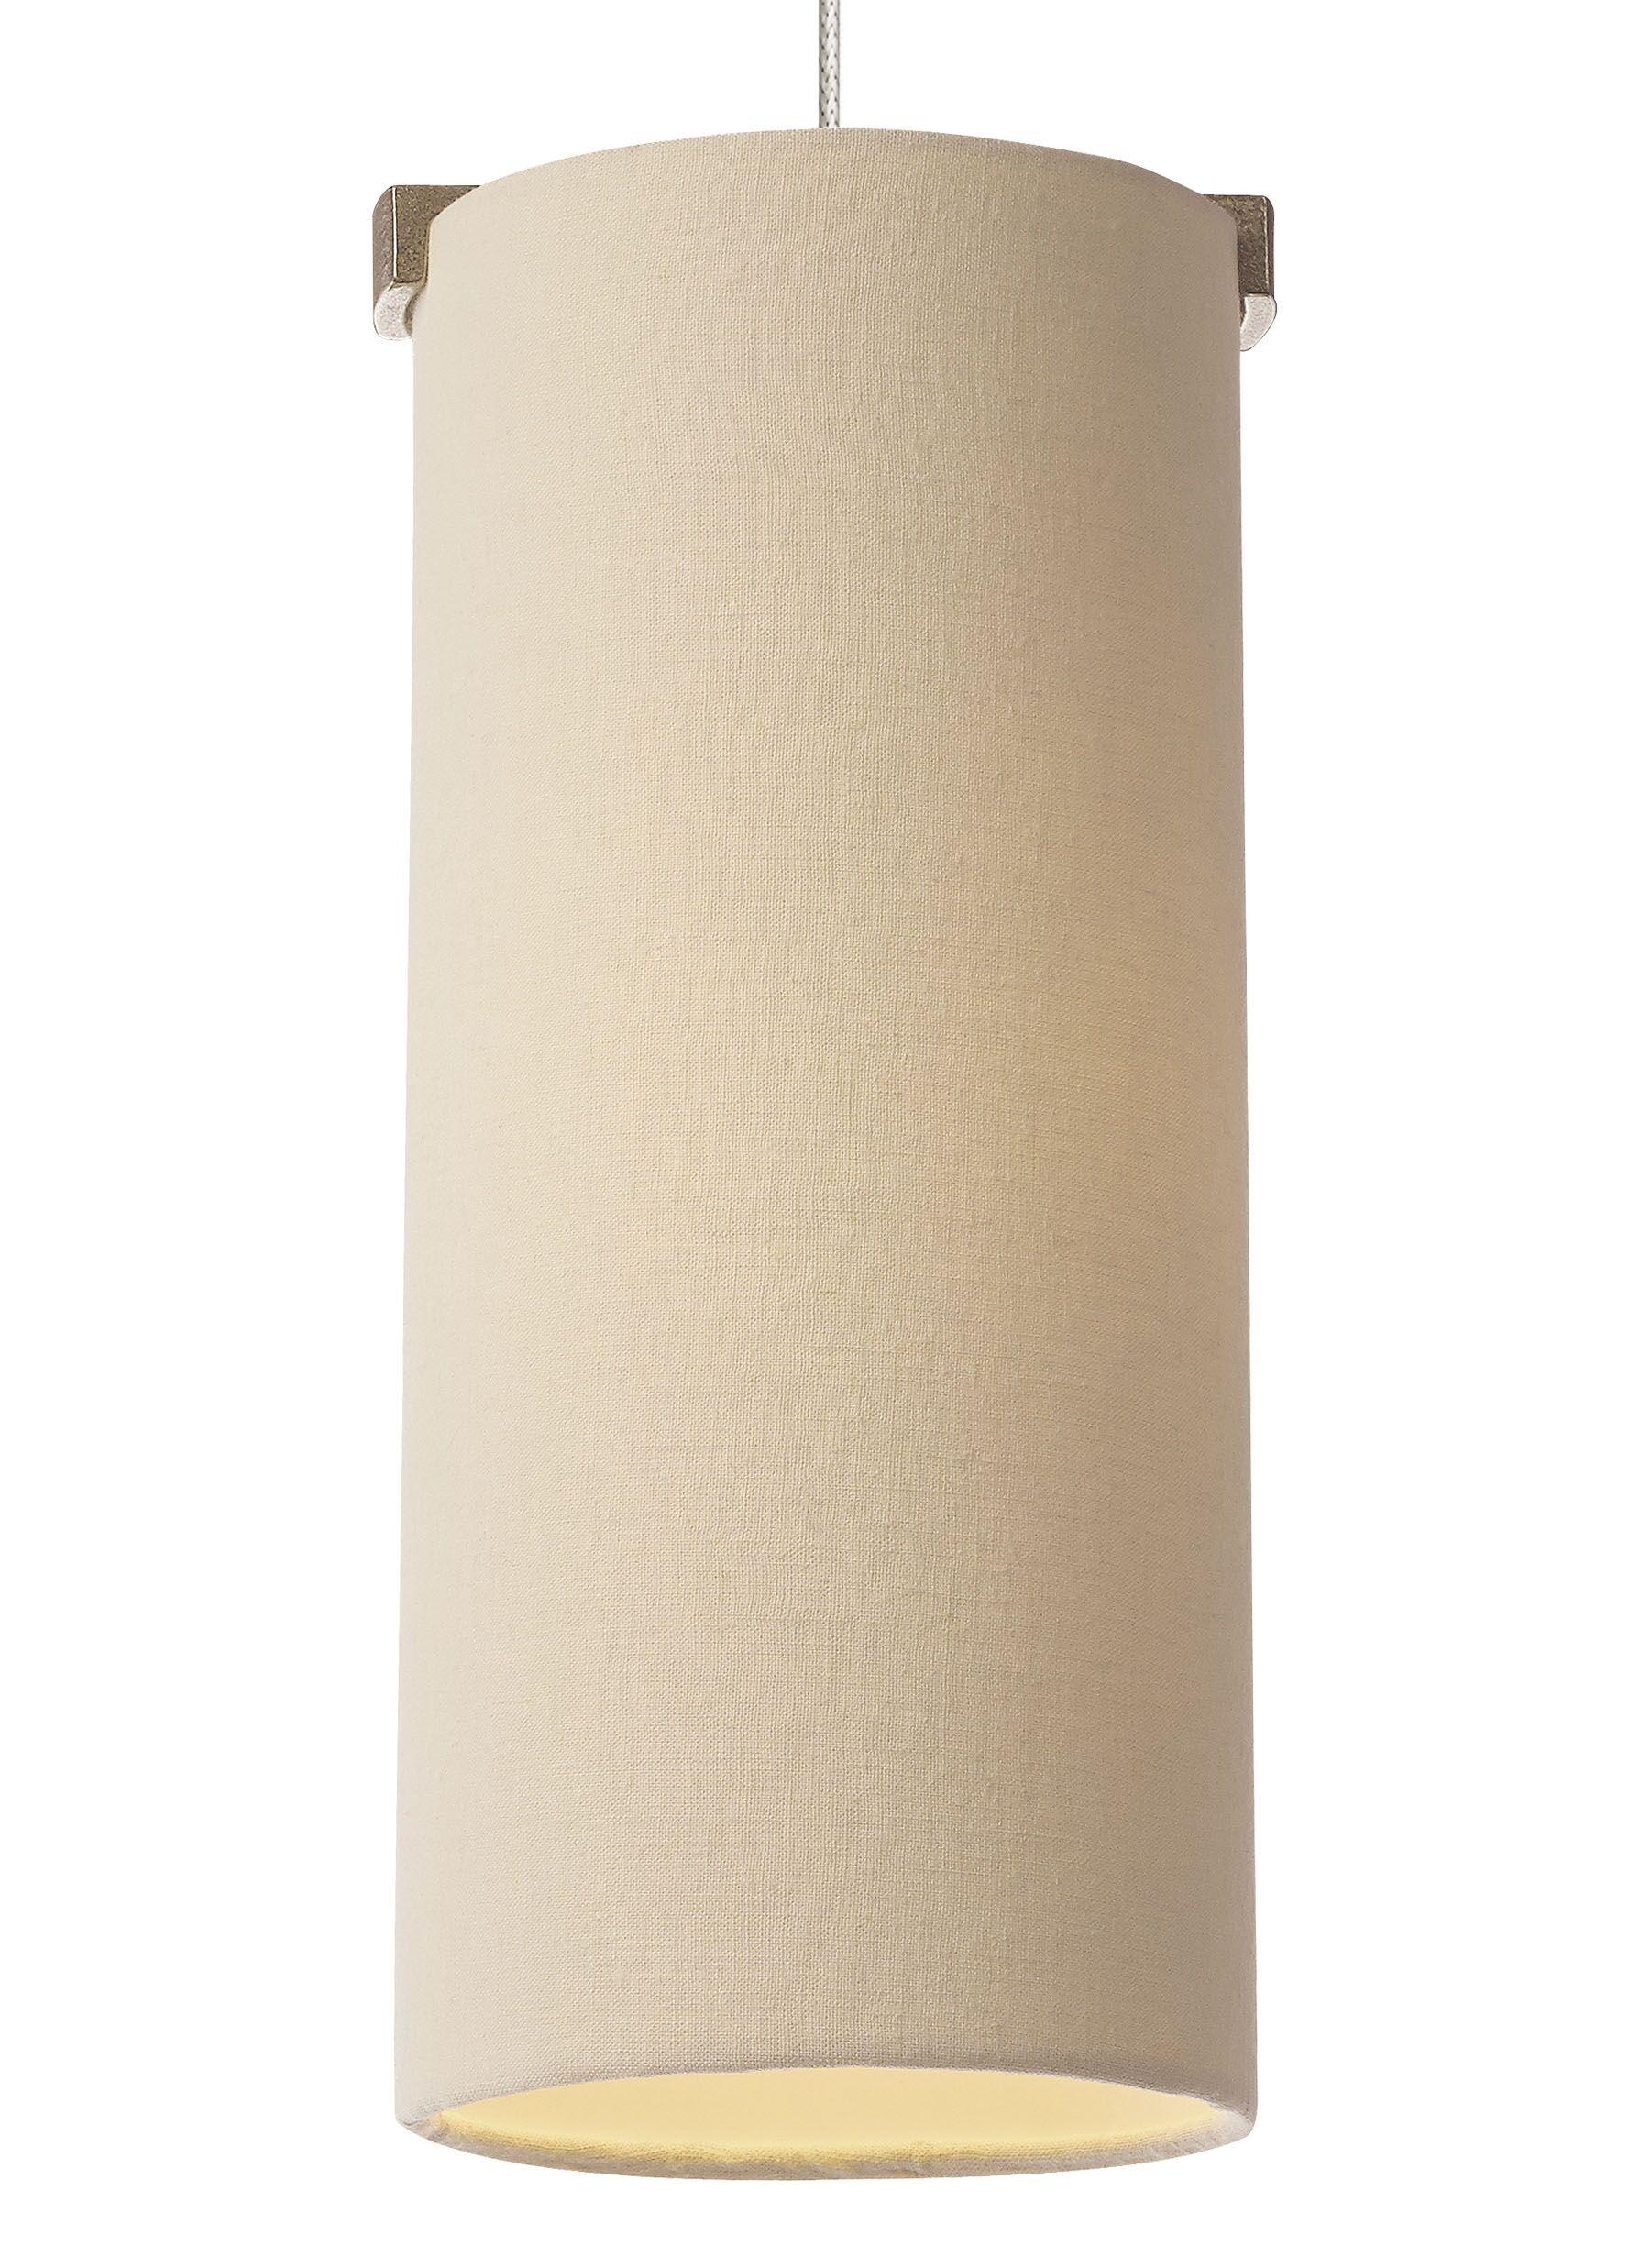 Boreal 1-Light Cylinder Pendant Bulb Type: 90 CRI 3000K LED, Base Finish: Satin Nickel